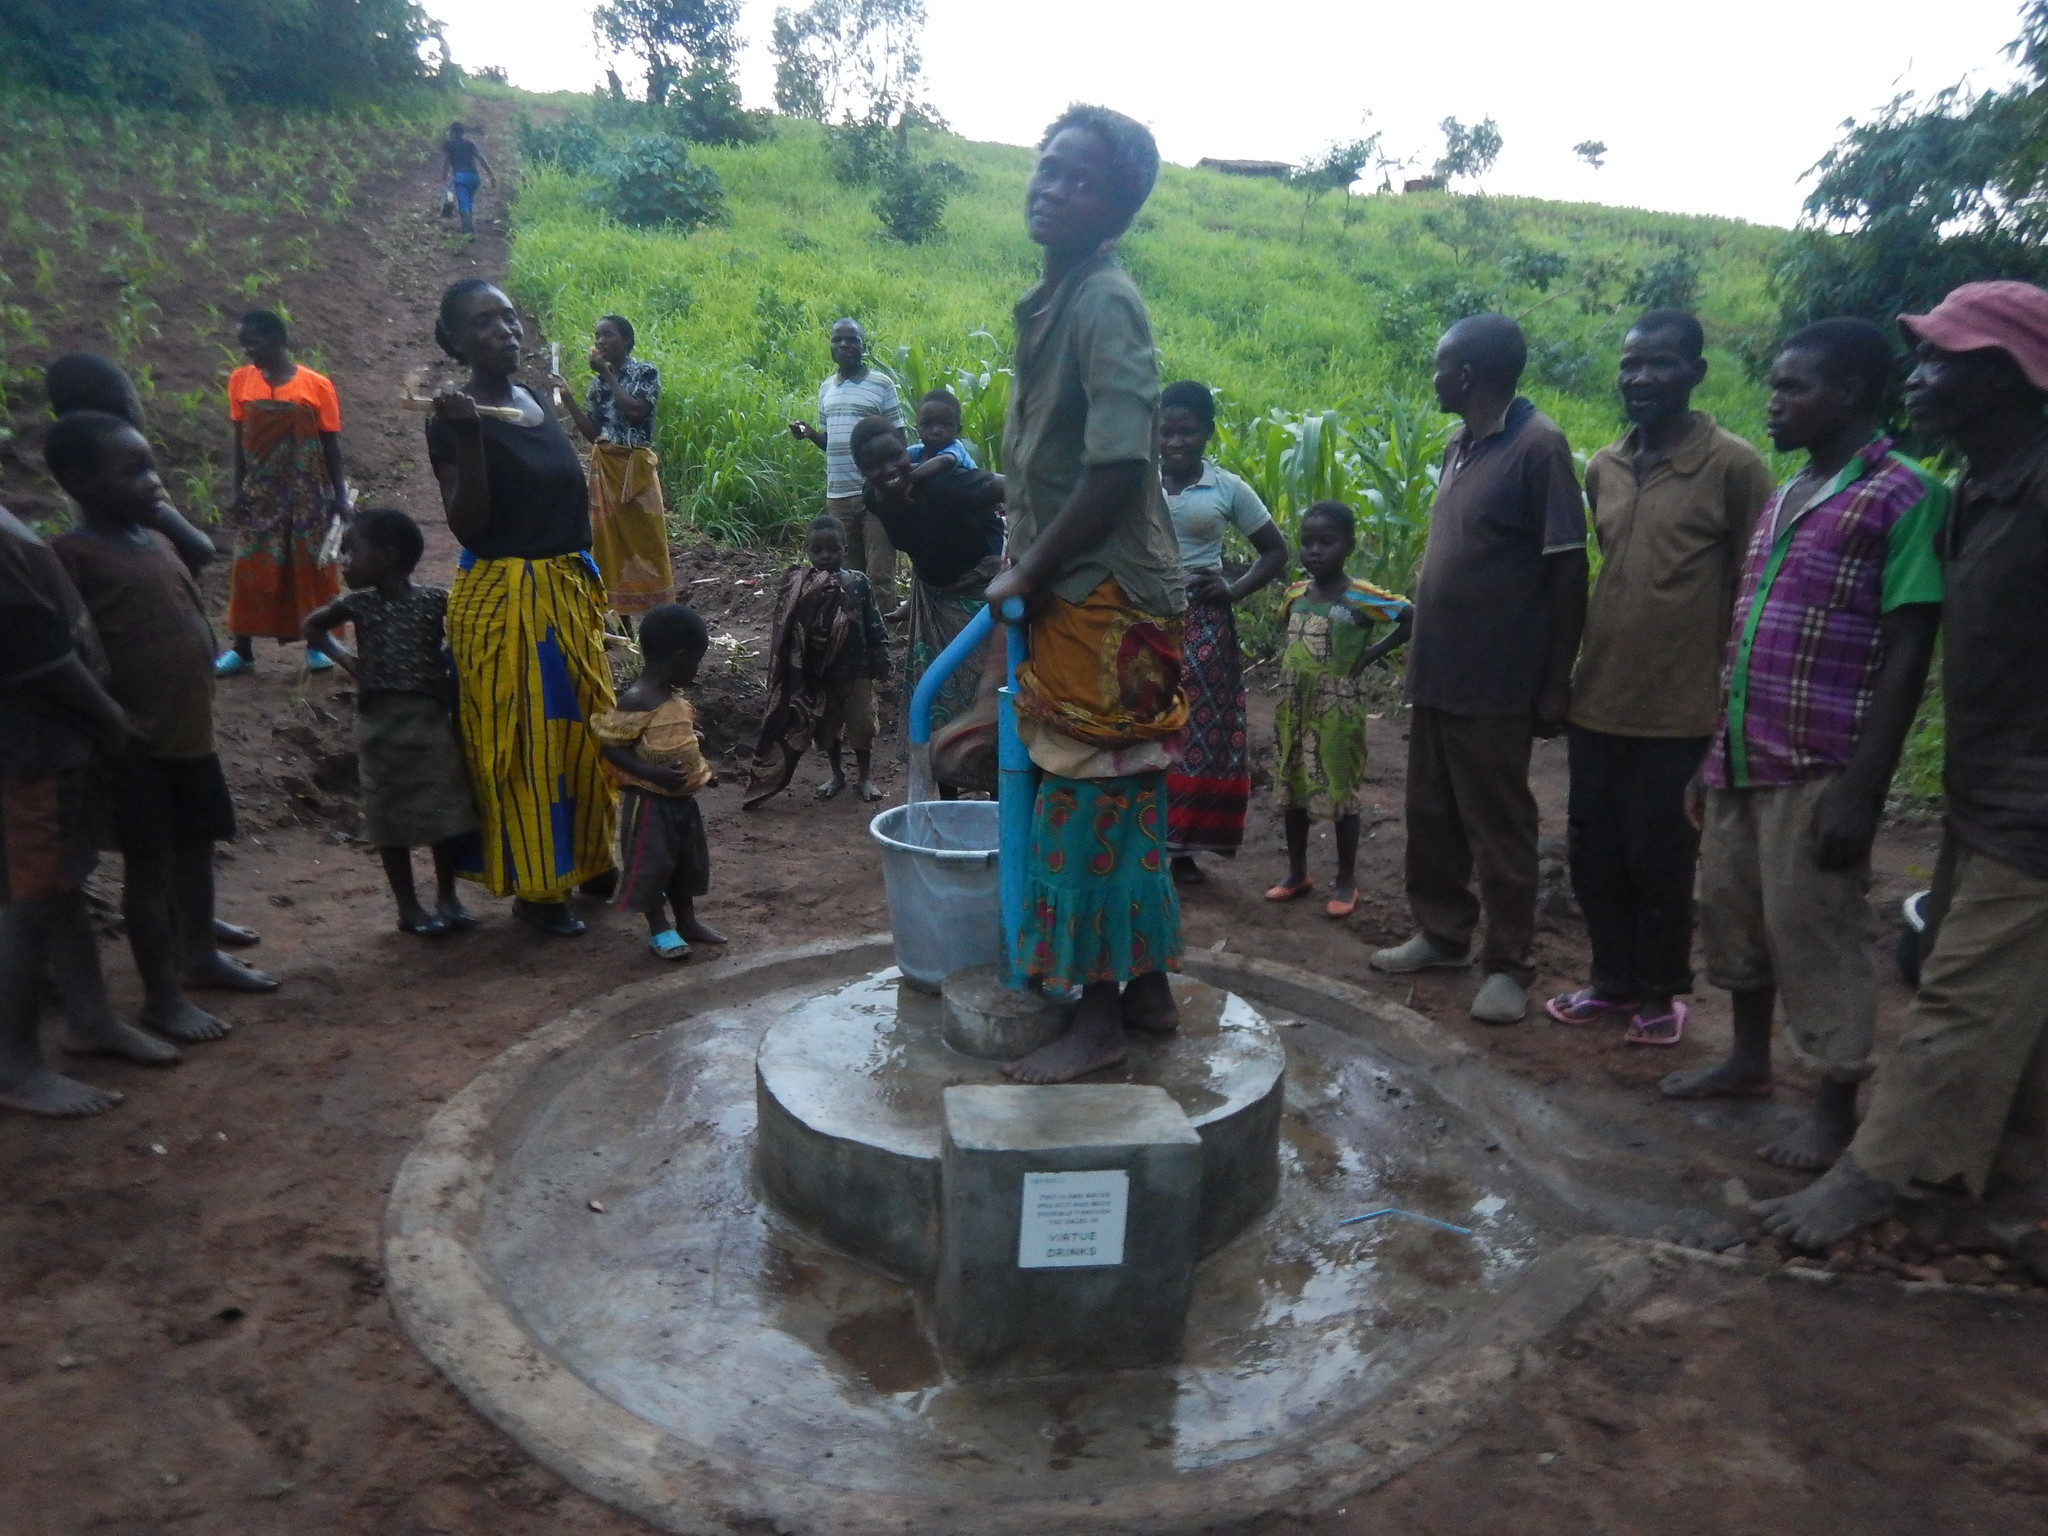 Chidalanda - pump 18D4D022